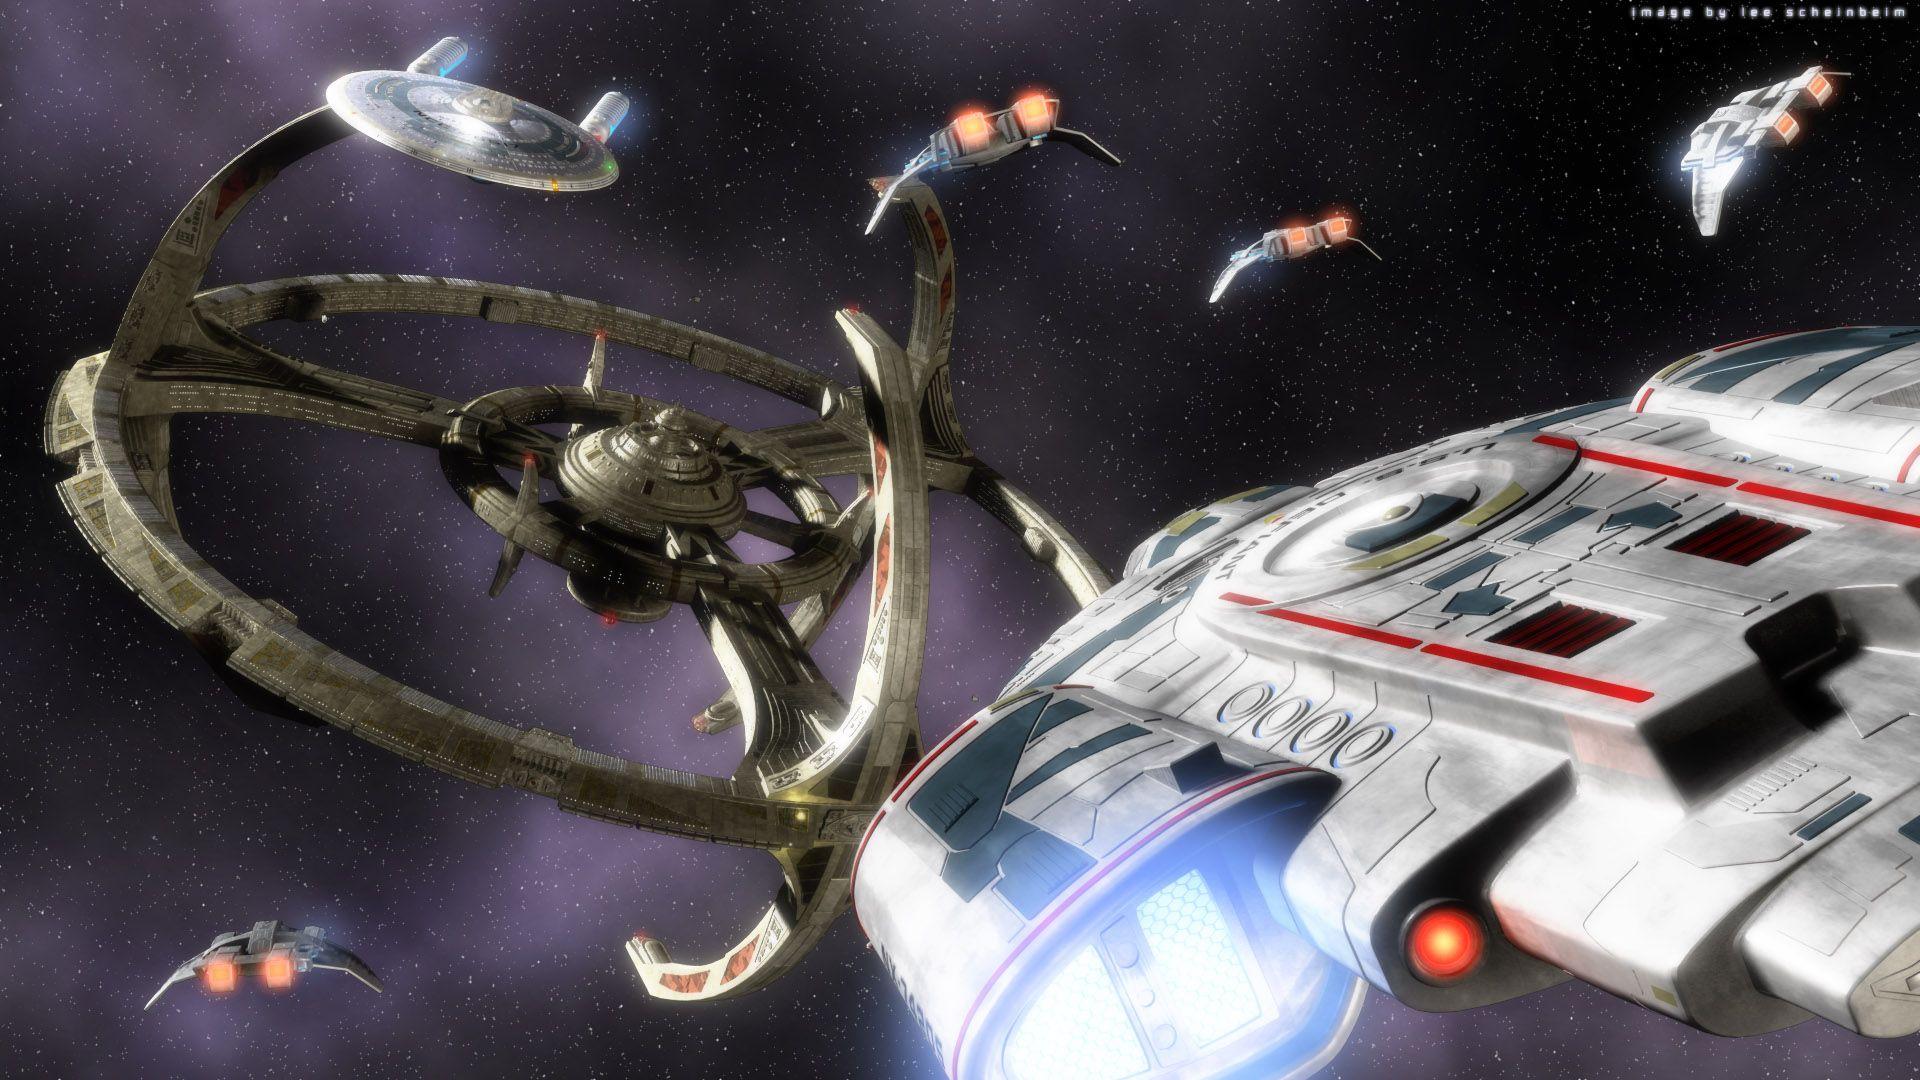 «Star Trek: Deep Space Nine» [ USS Defiant NX-74205 ]